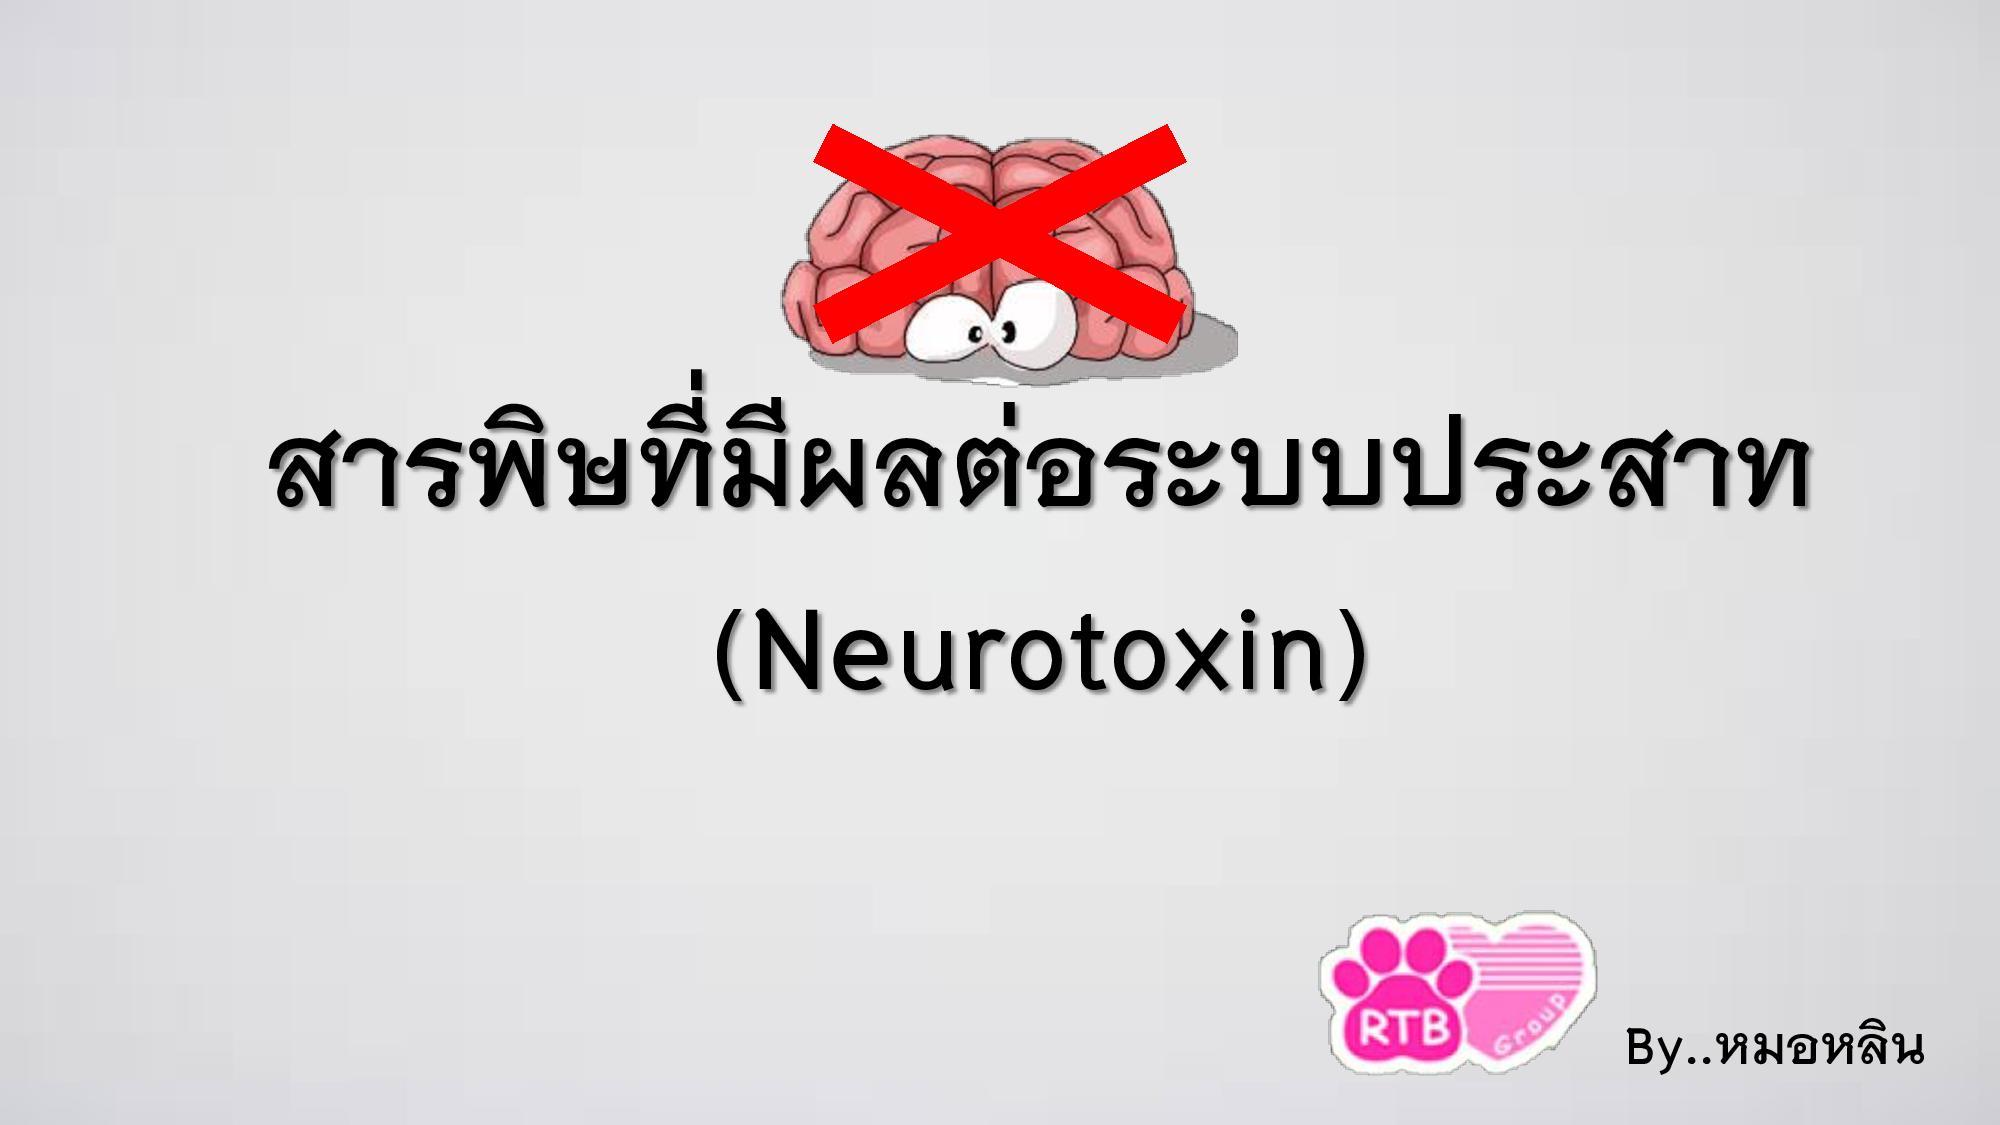 Neurotoxin-001